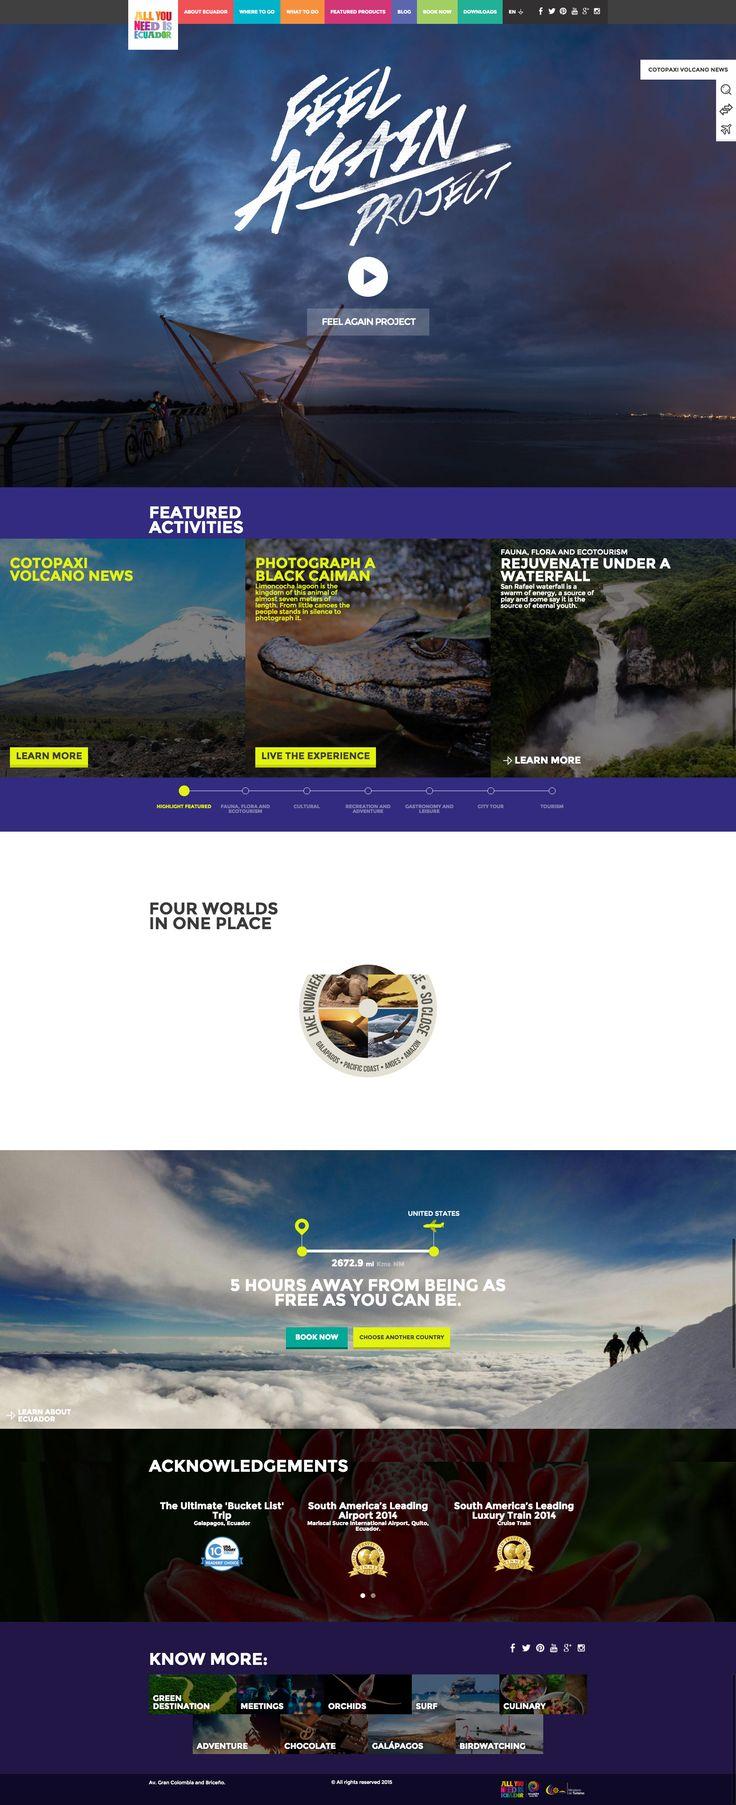 Ecuador #travel #tourism #destination website #webdesign